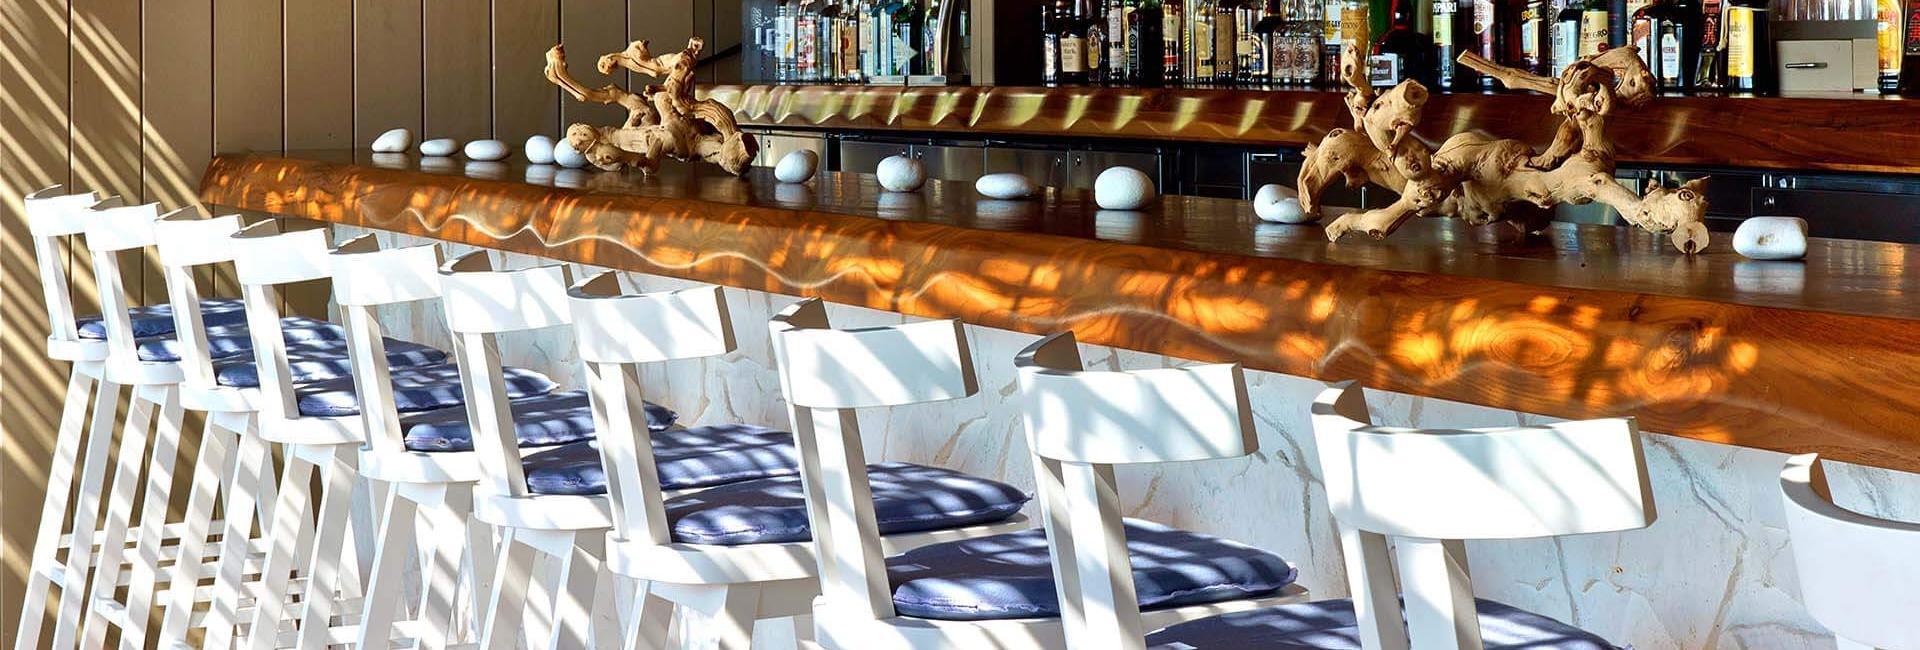 bar at sandbox restaurant